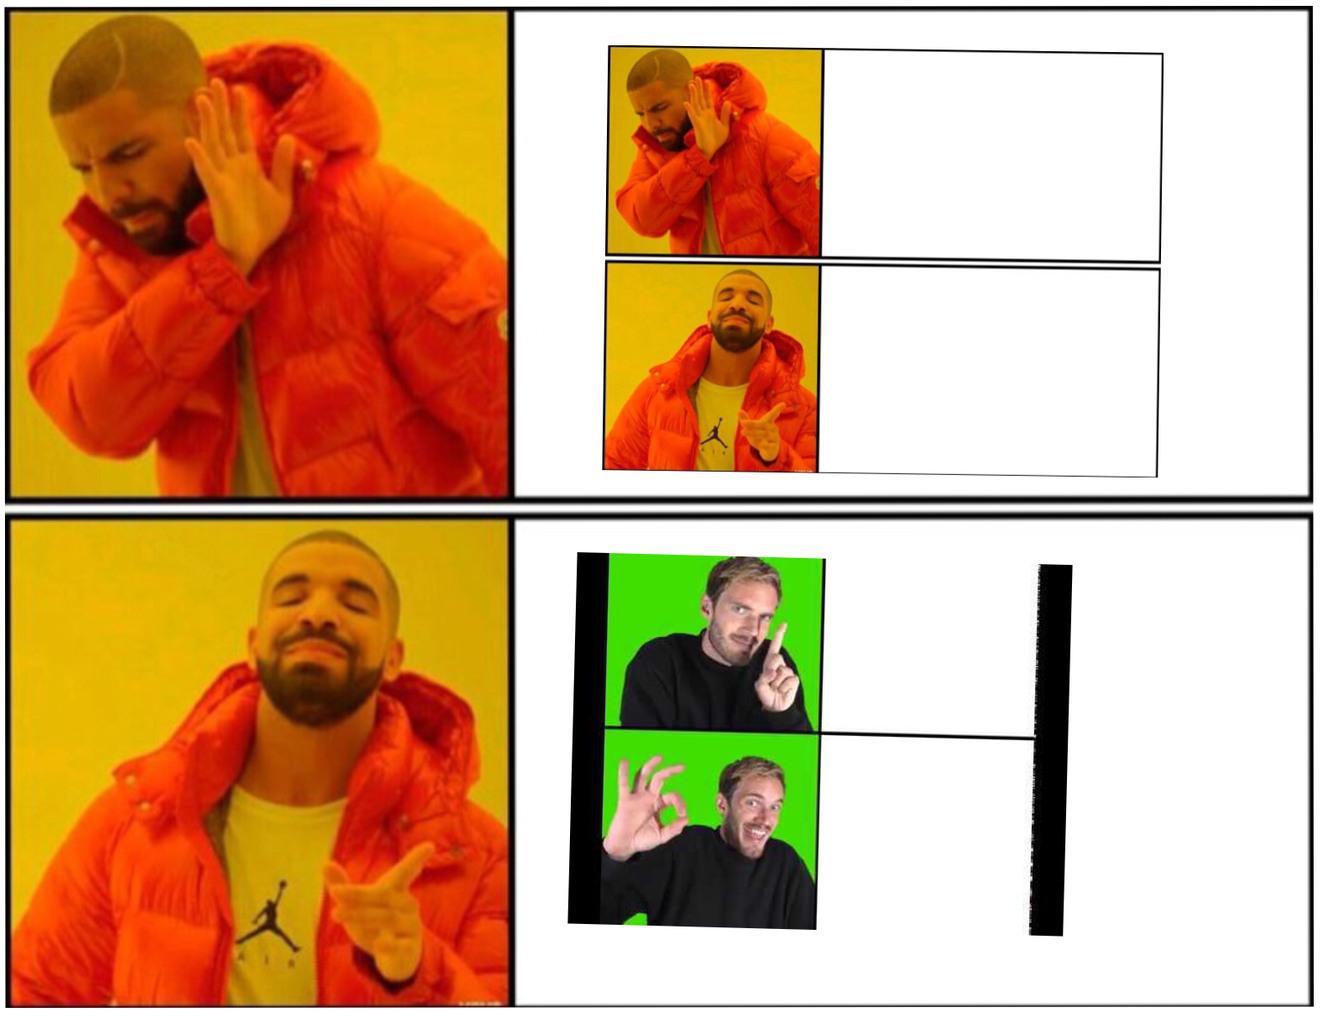 Help Pwdiepie - meme